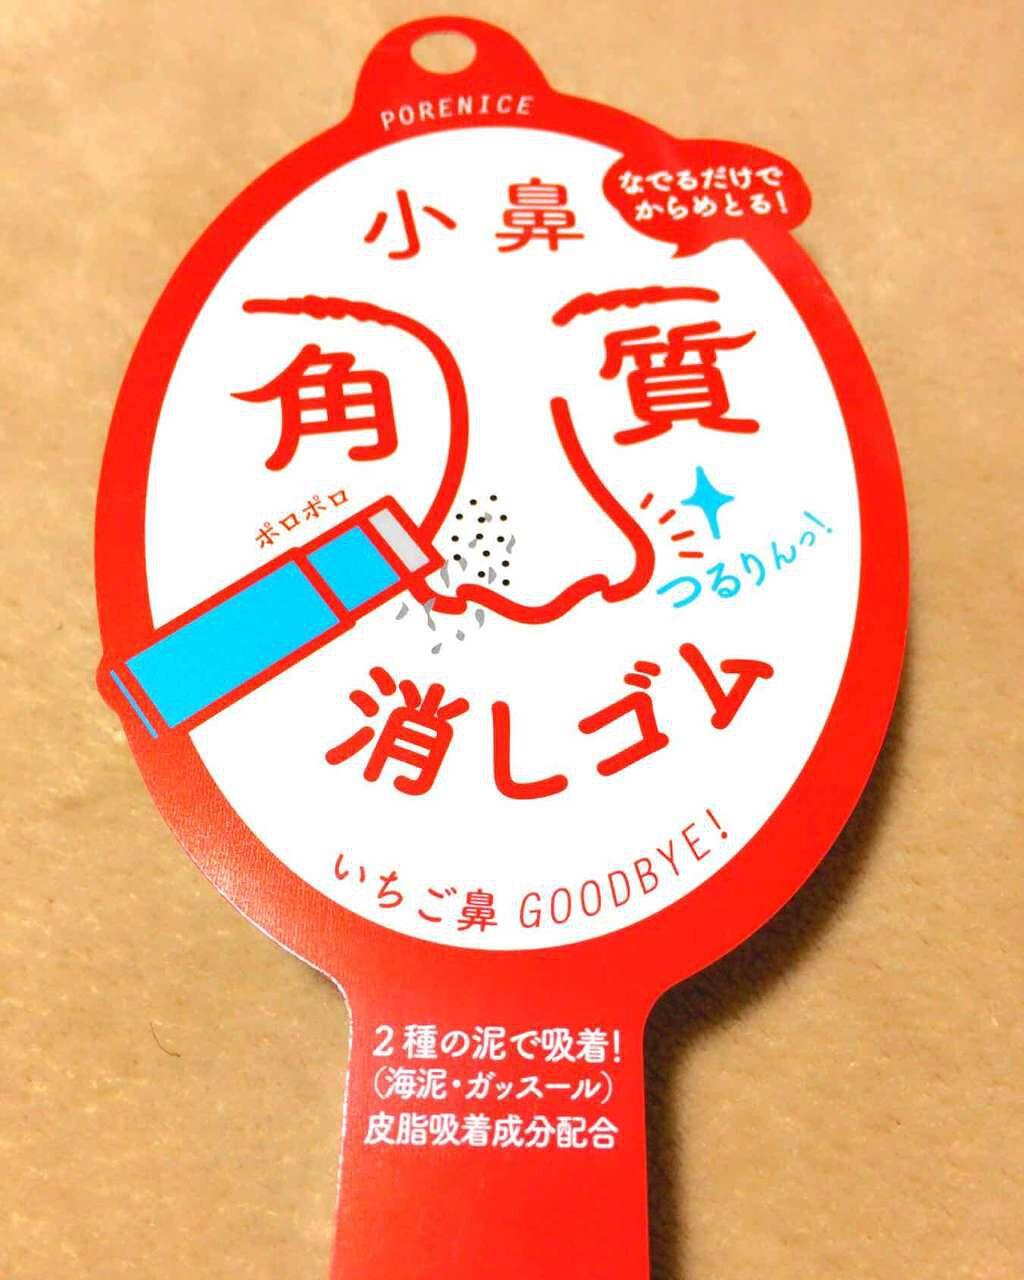 小鼻角質消しゴム/ポアナイス/ゴマージュ・ピーリング by RINA